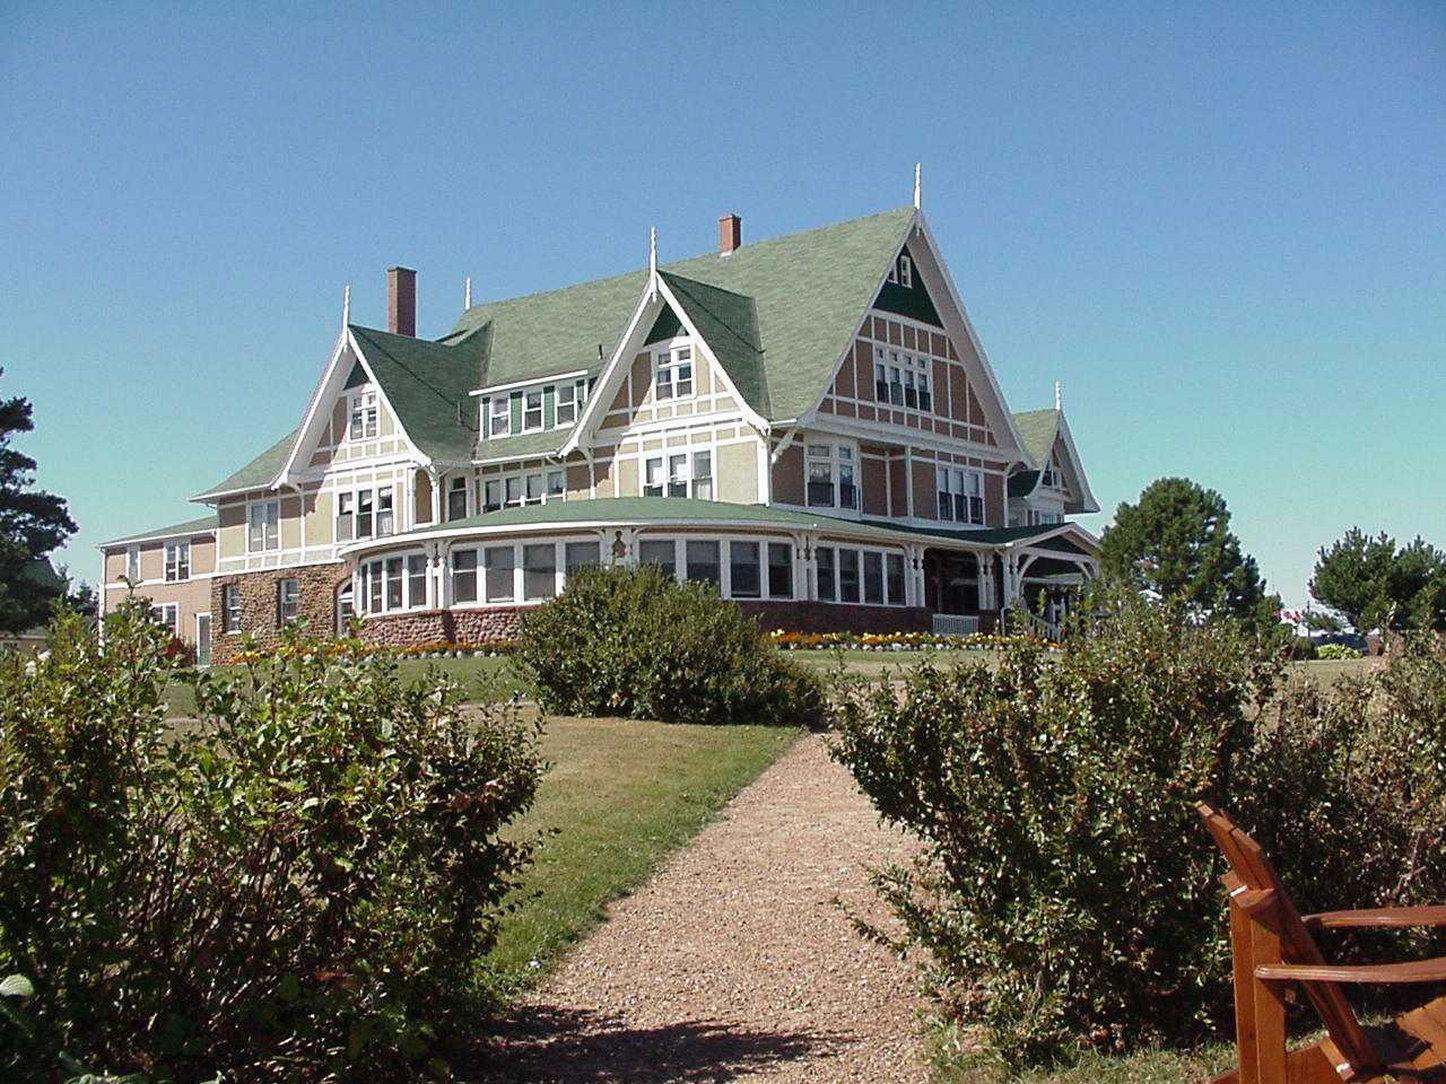 Dalvay by the Sea Hotel